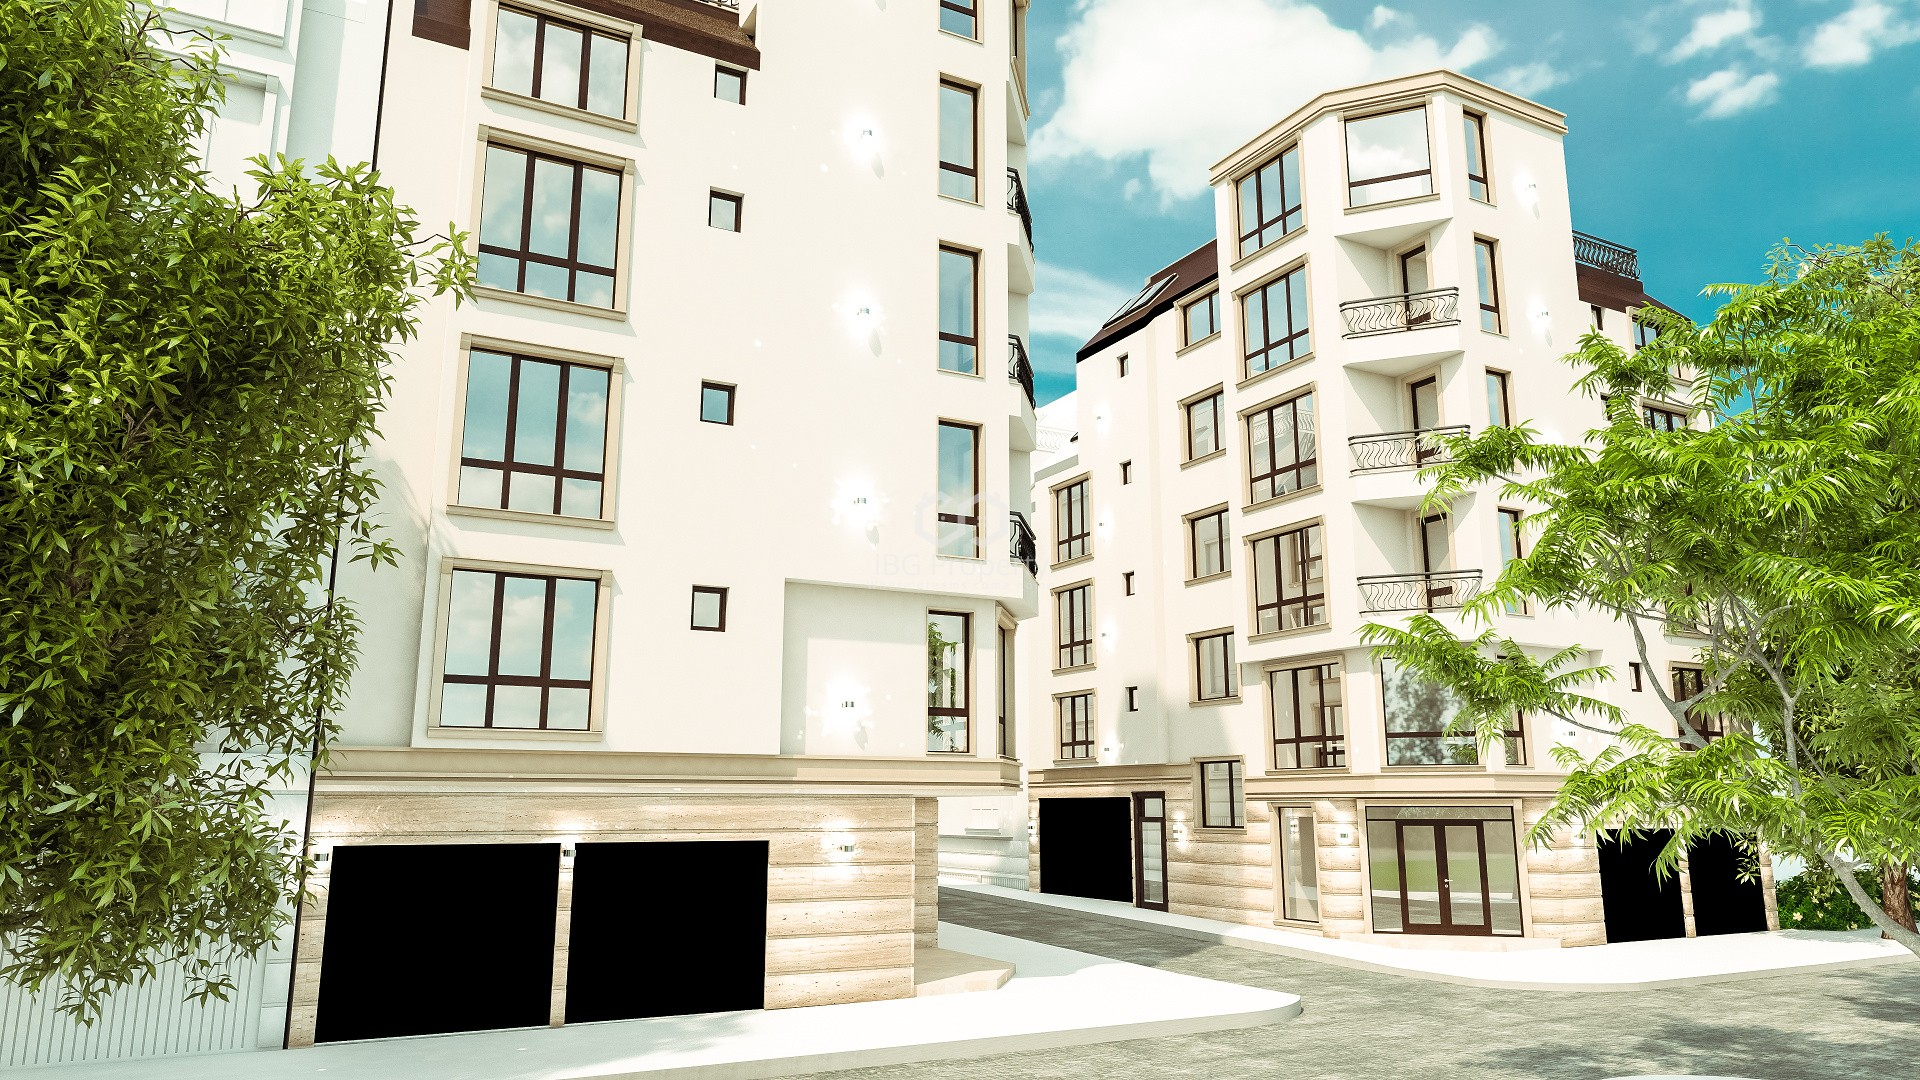 Трехкомнатная квартира Колхозен пазар Варна 72,12 m2